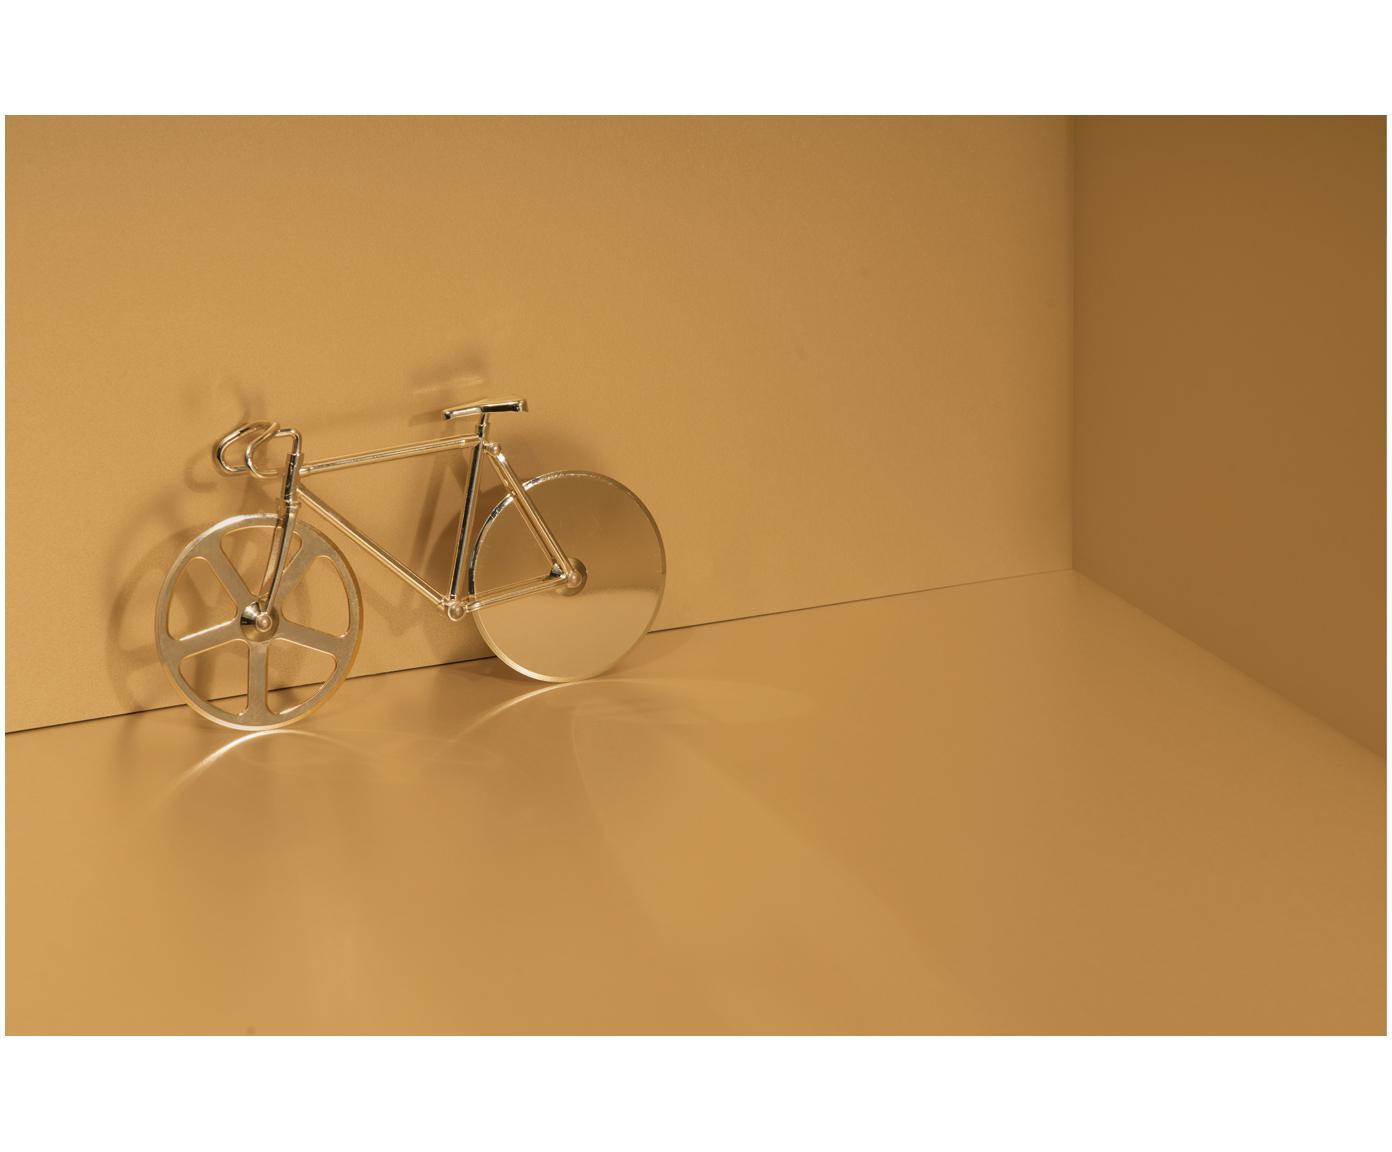 Goldfarbener Pizzaschneider Velo im Fahrraddesign aus Edelstahl, Edelstahl, beschichtet, Goldfarben, 23 x 13 cm